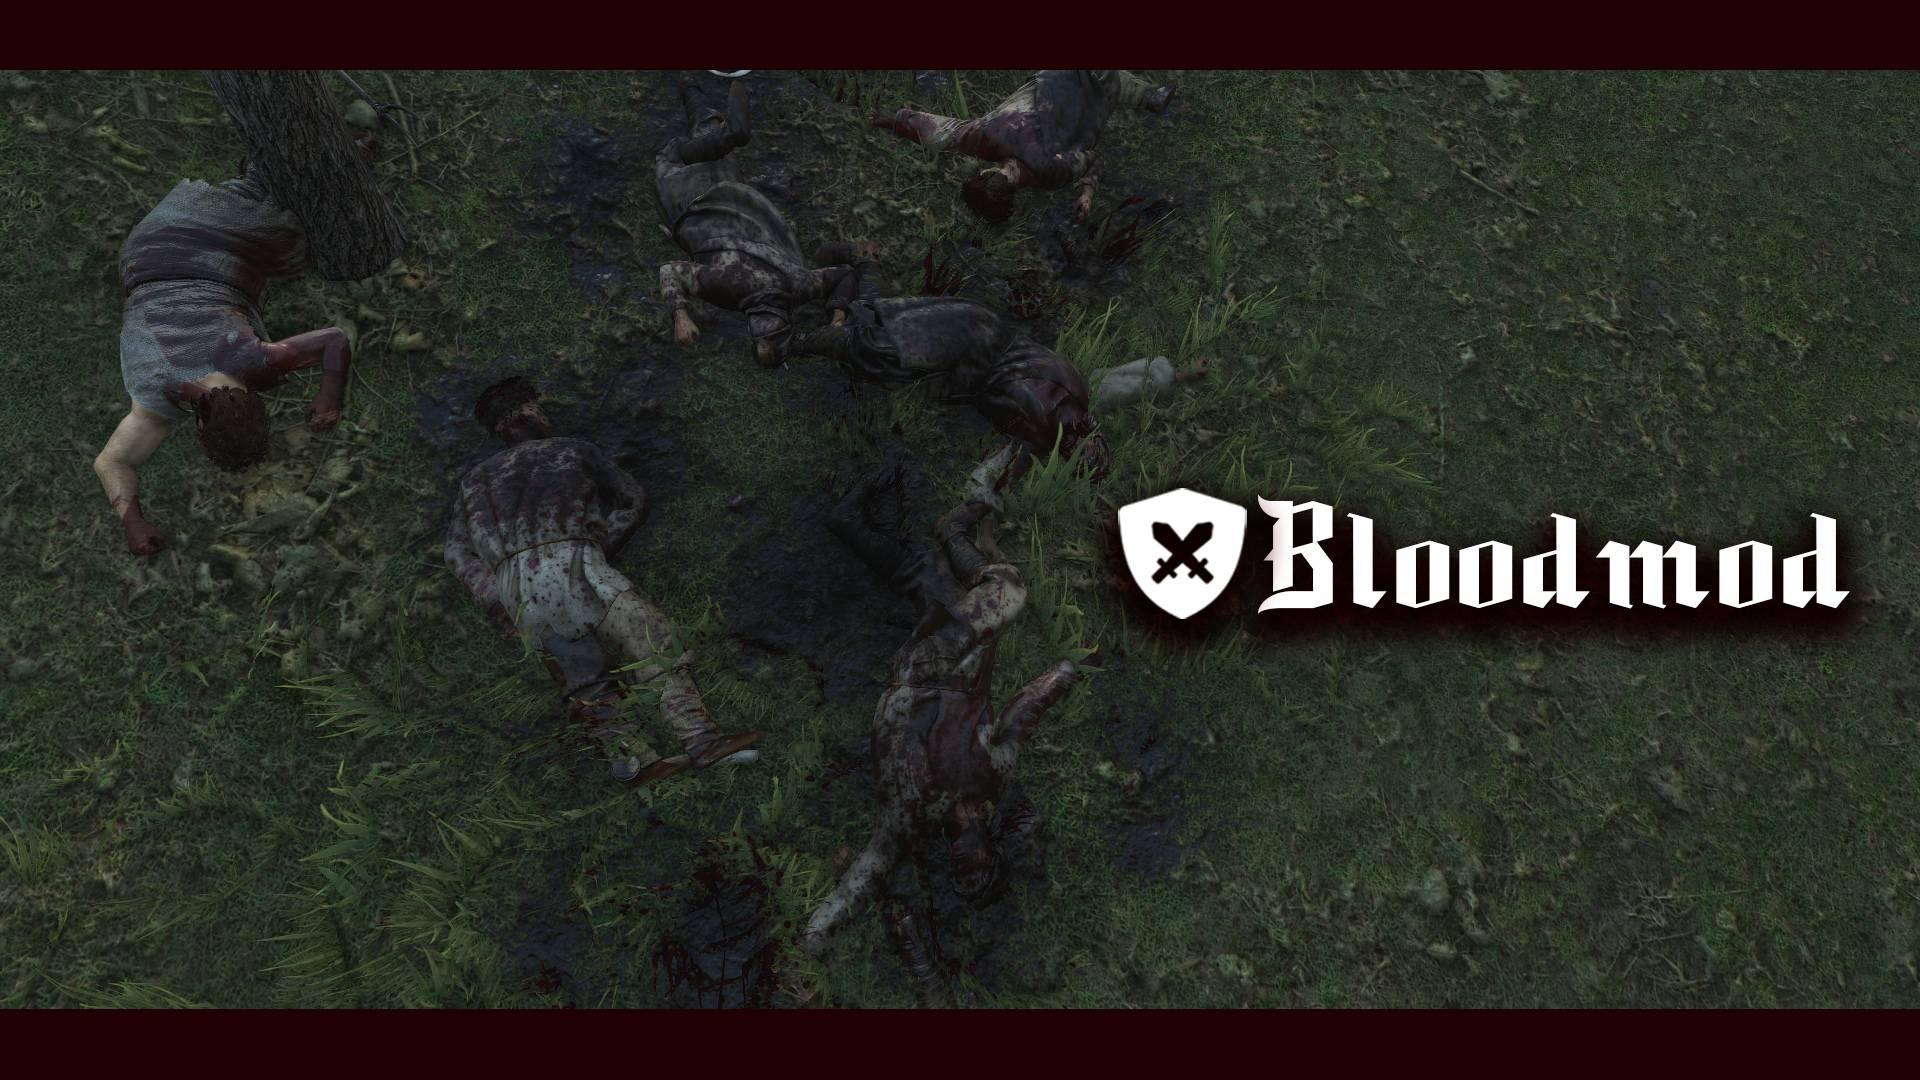 Мод на увеличение крови и земле и на одежде (BloodMod - More Blood and Gore)